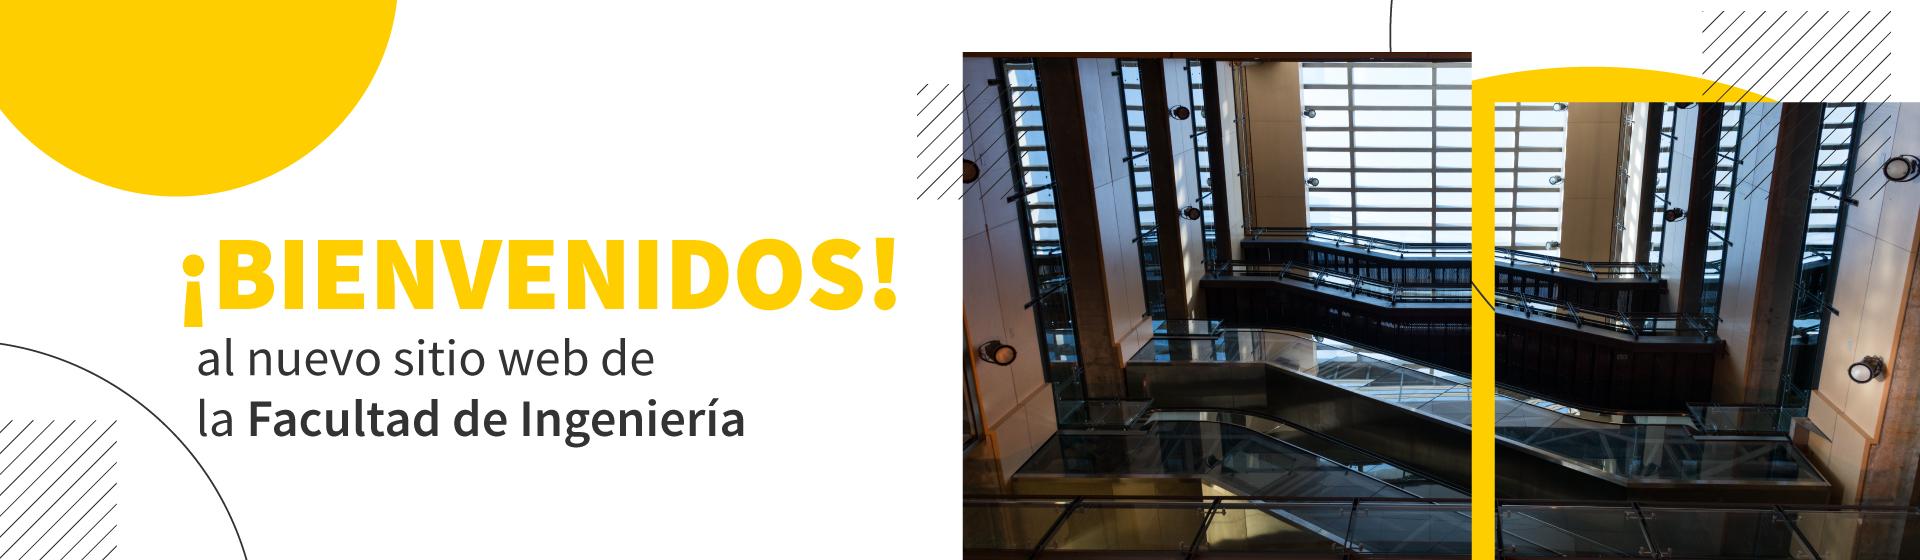 Nuevo sitio web de la Facultad de Ingeniería   Uniandes